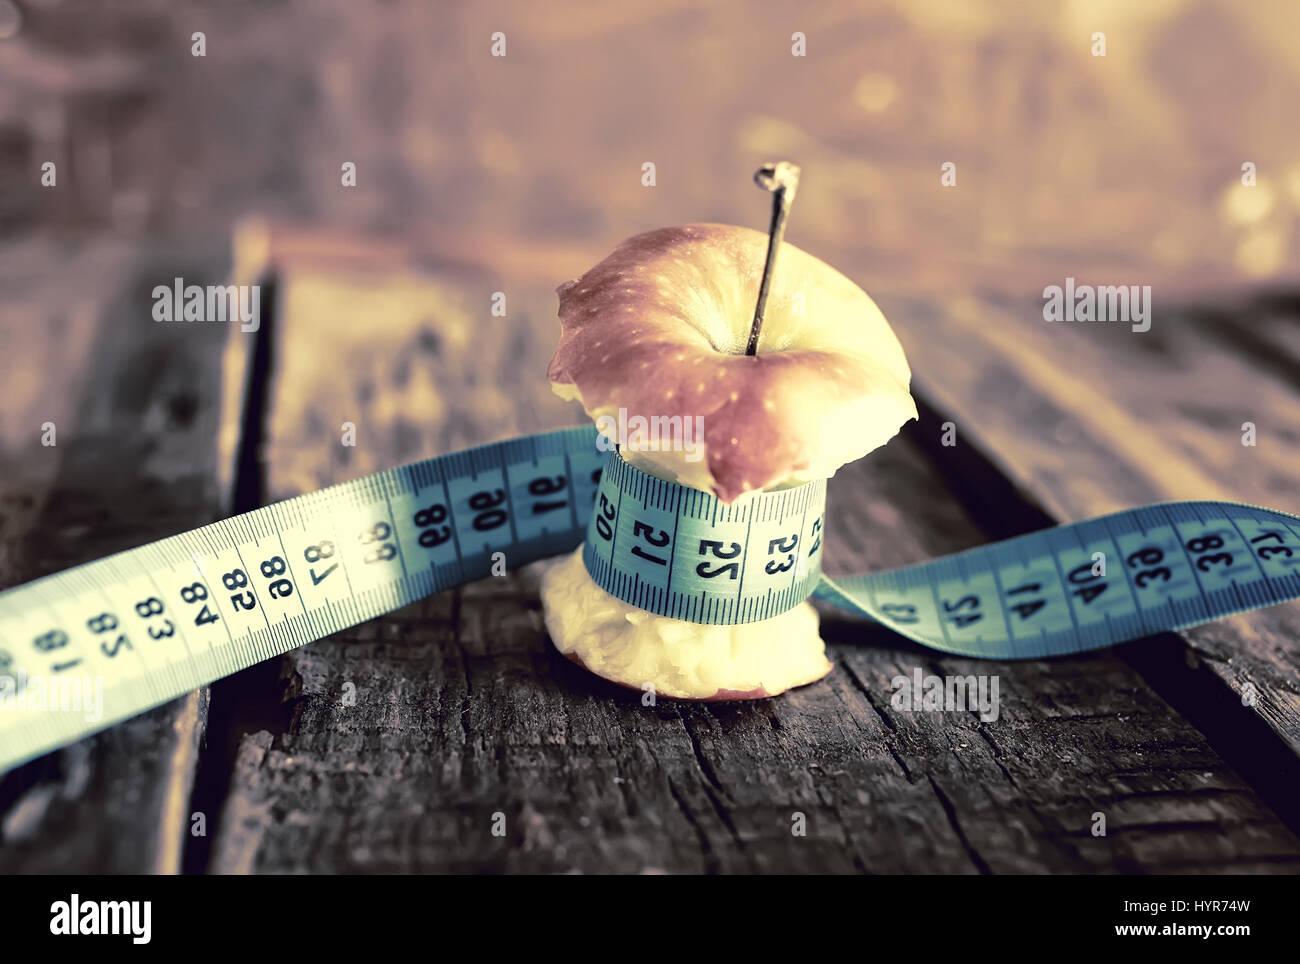 Anoressia magrezza apple di misurazione Immagini Stock